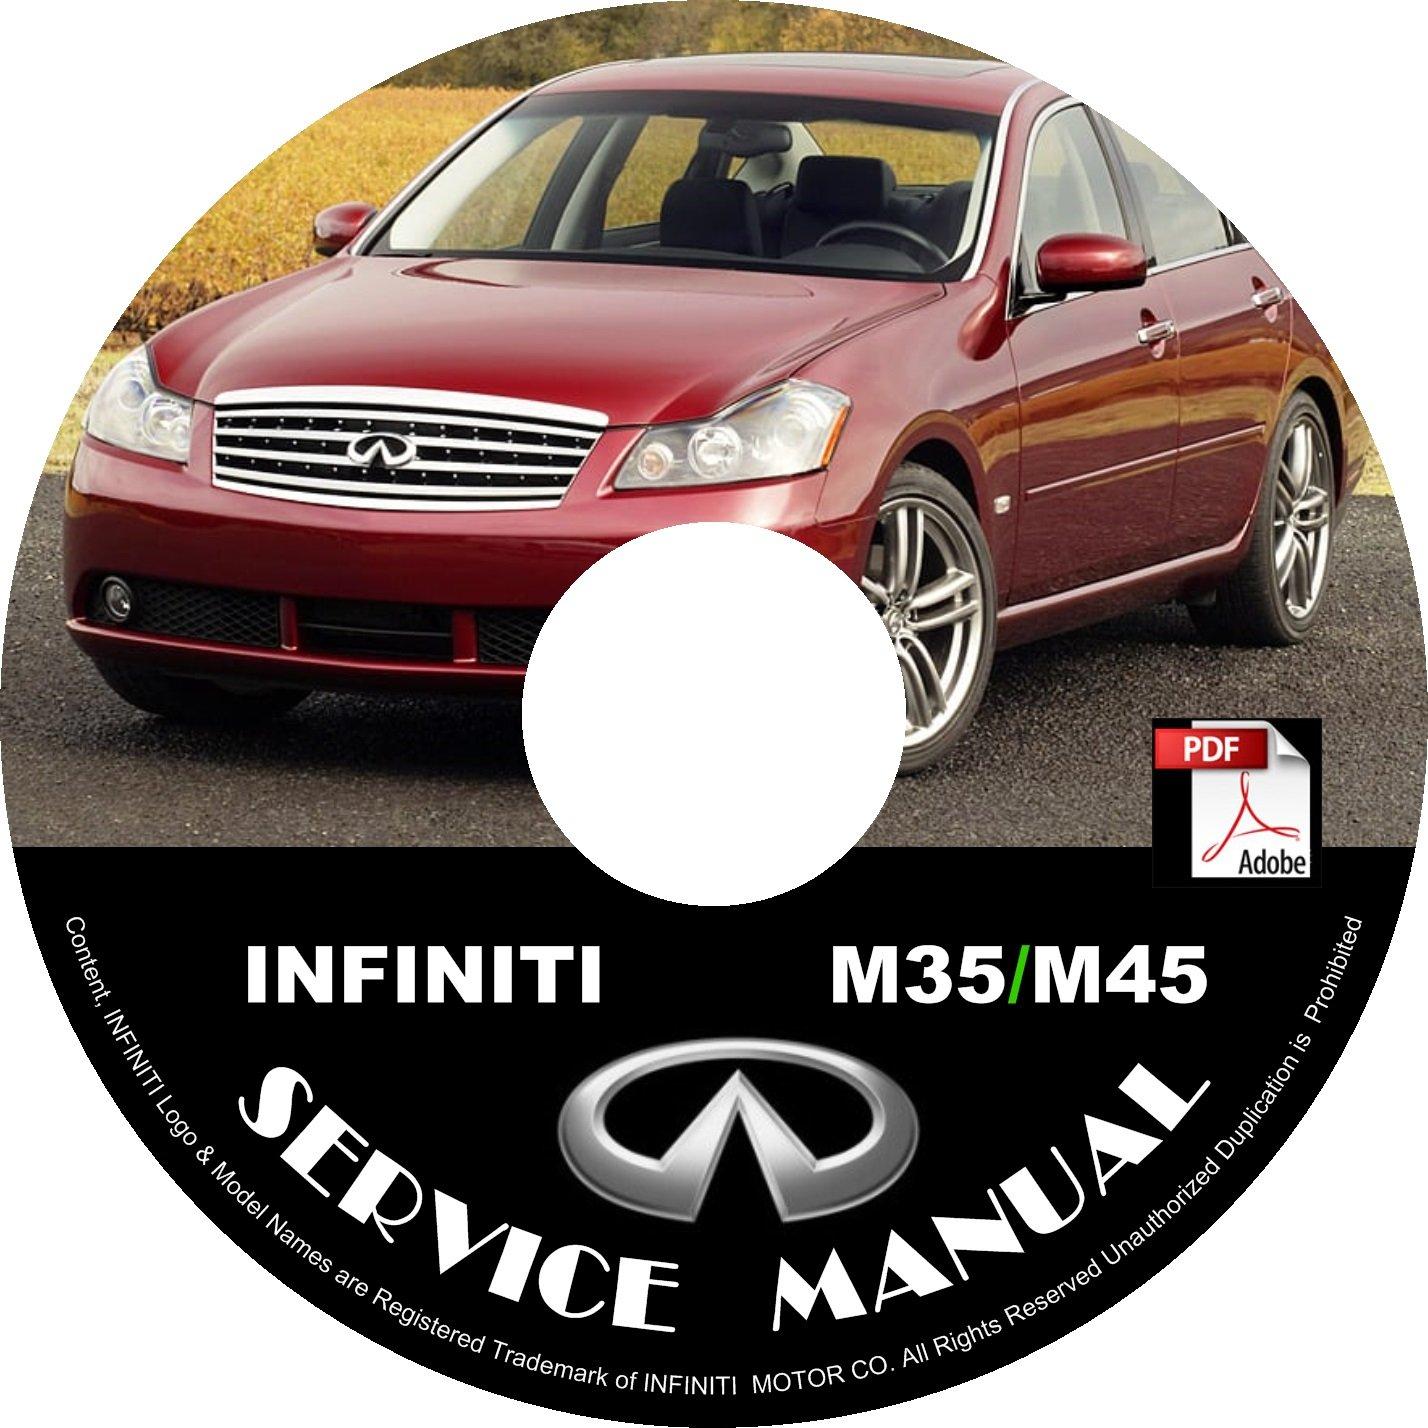 2007 Infiniti M35 M45 Factory Service Repair Shop Manual on CD Fix Repair Rebuild 07 Workshop Guide